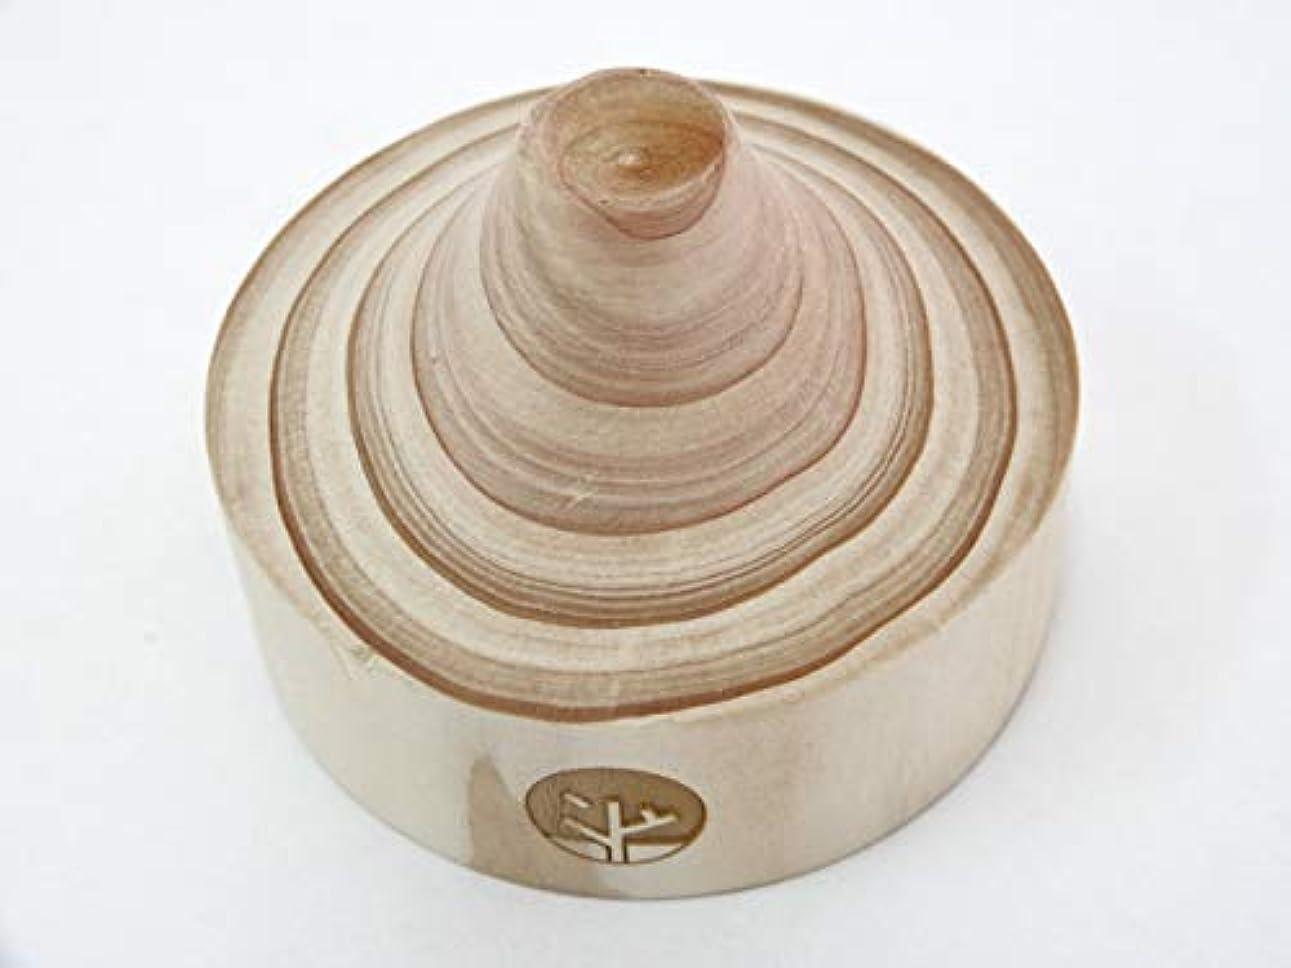 抑止する者毎回一郎木創 木製 アロマディッシュ 心持木受香器 火山 桧 TL-97-7